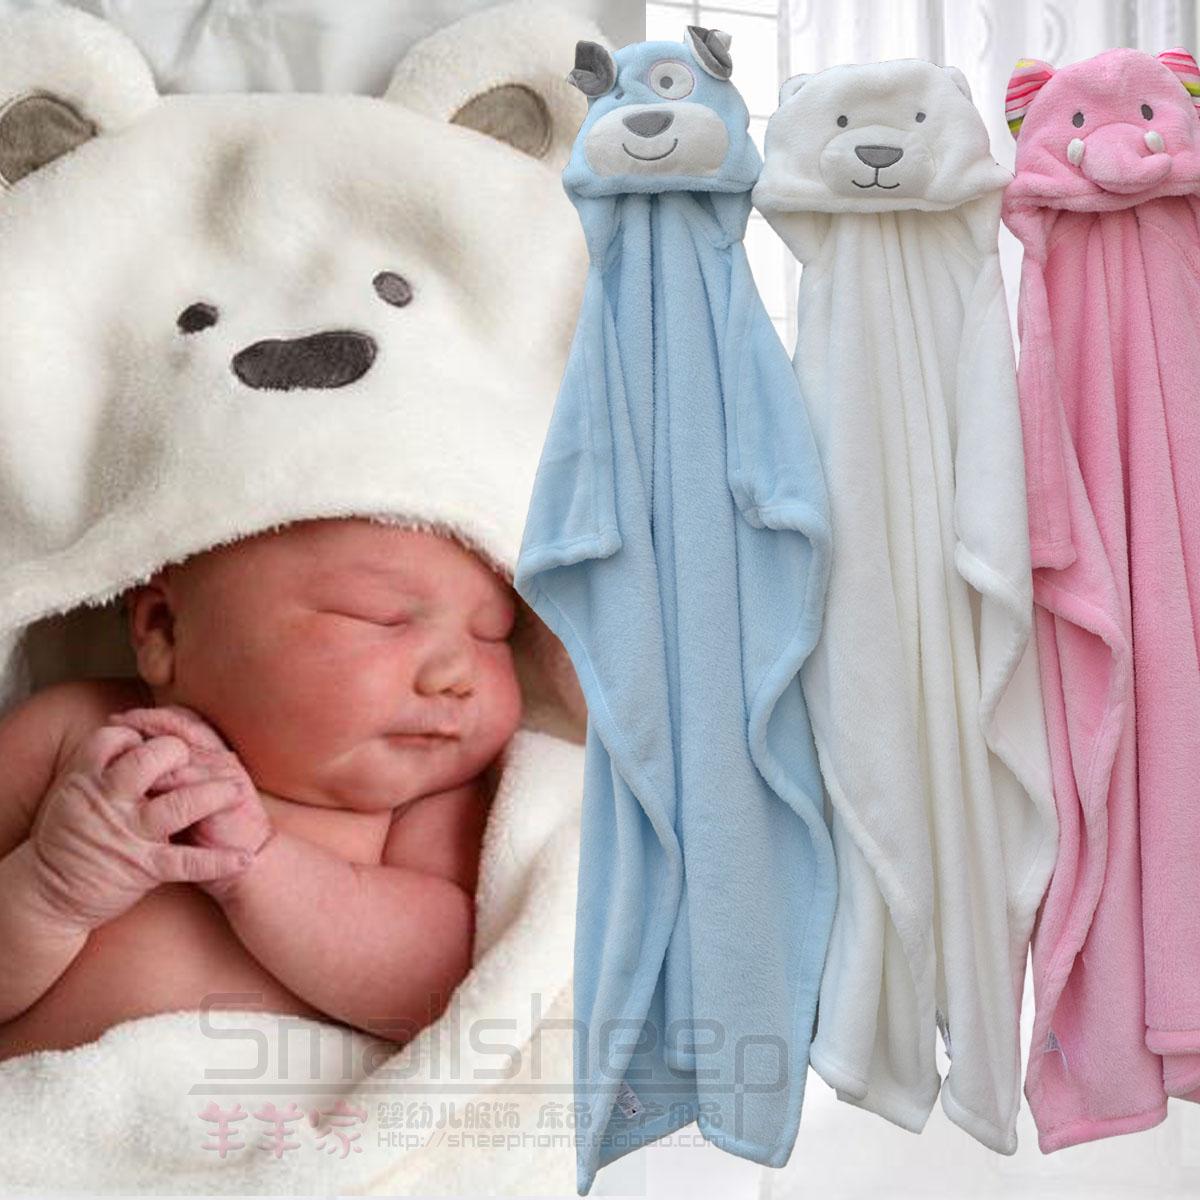 Beautiful Serviette De Bain Avec Capuche #9: Mignon Forme Animale Bébé à Capuche Peignoir De Bain Towel Bébé Polaire  Couverture De Réception Attente